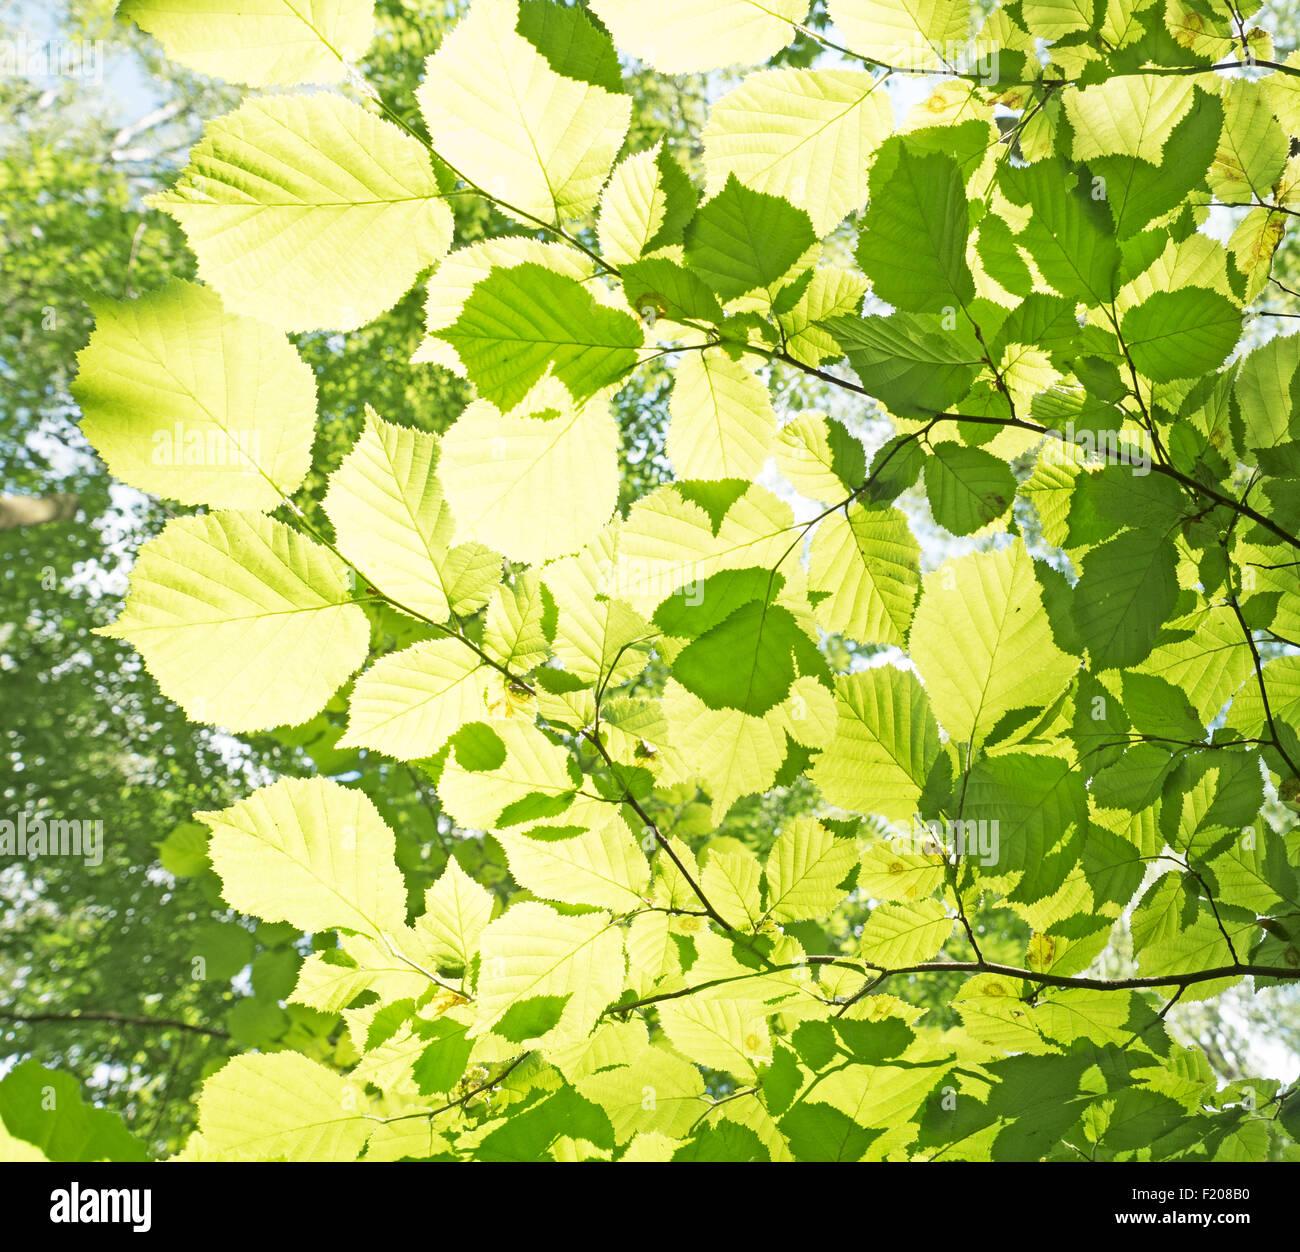 Blätter im Gegenlich - Stock Image